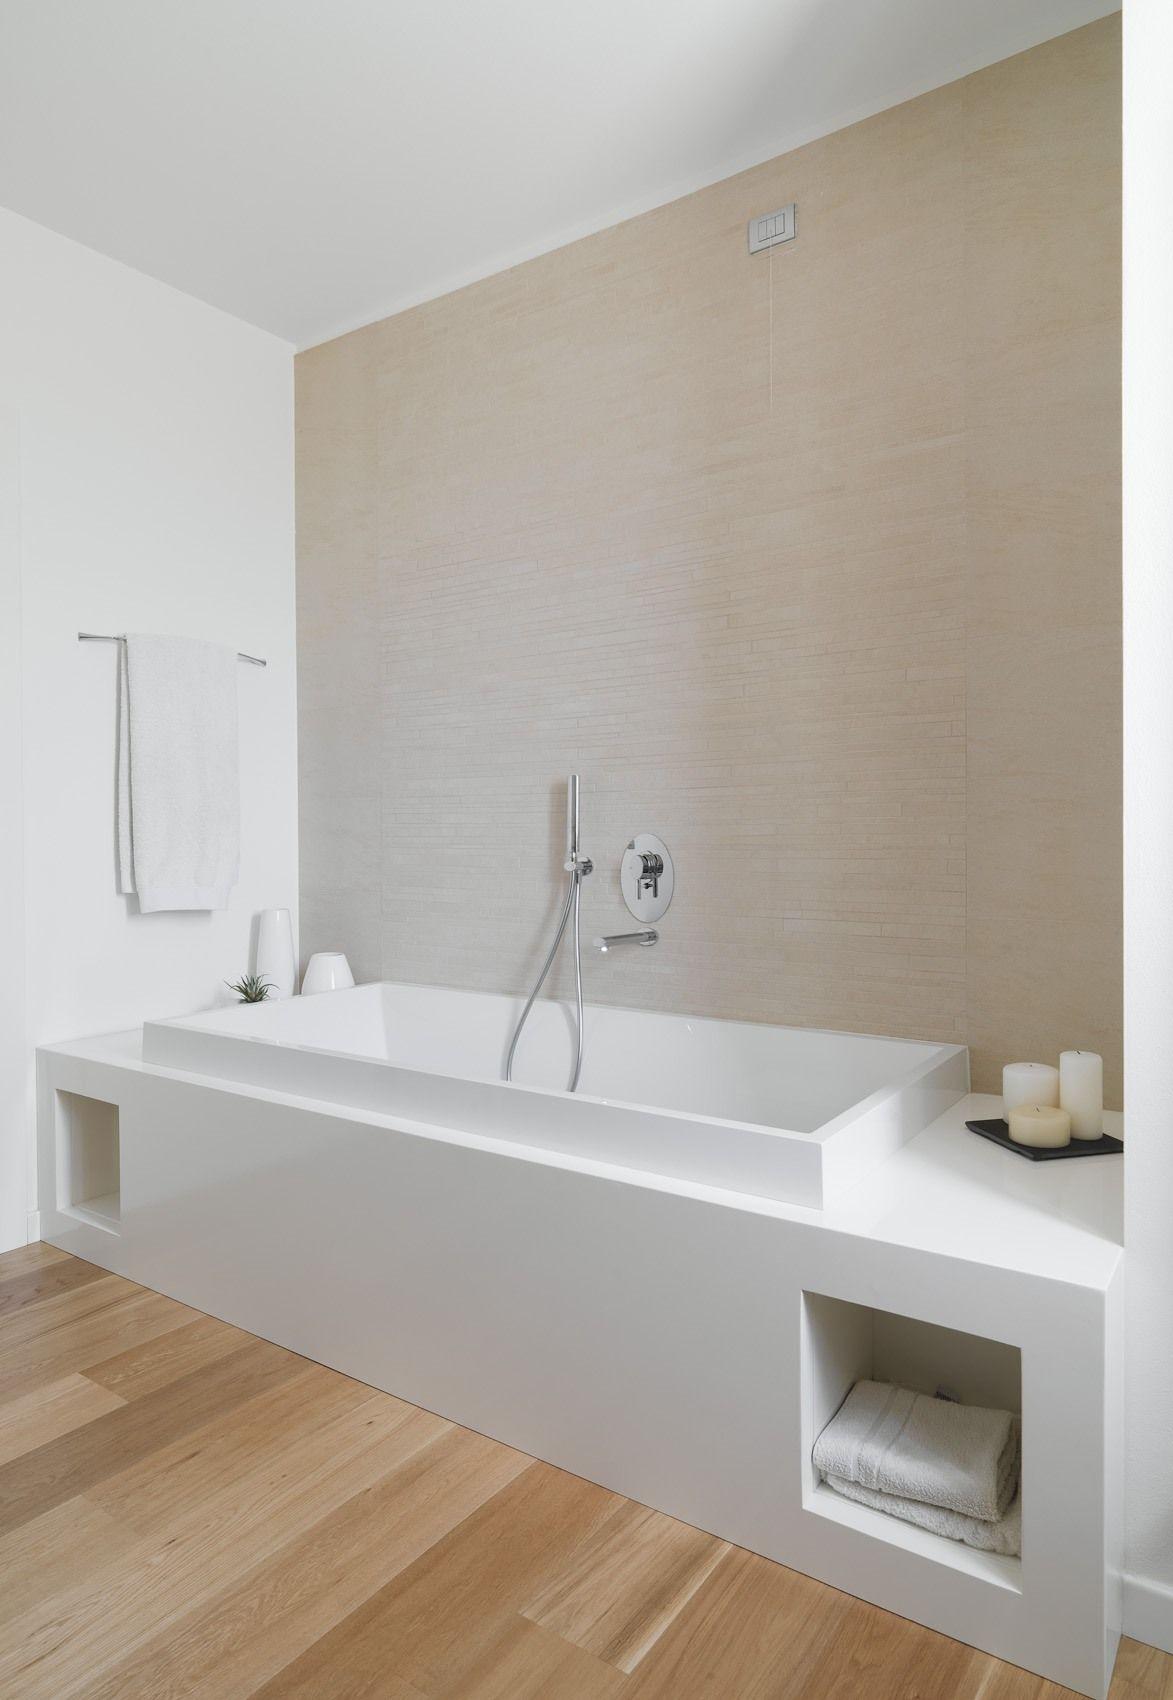 Am house by sanson architetti bathroom pinterest badezimmer badewanne badezimmer design - Maison am sanson architetti ...